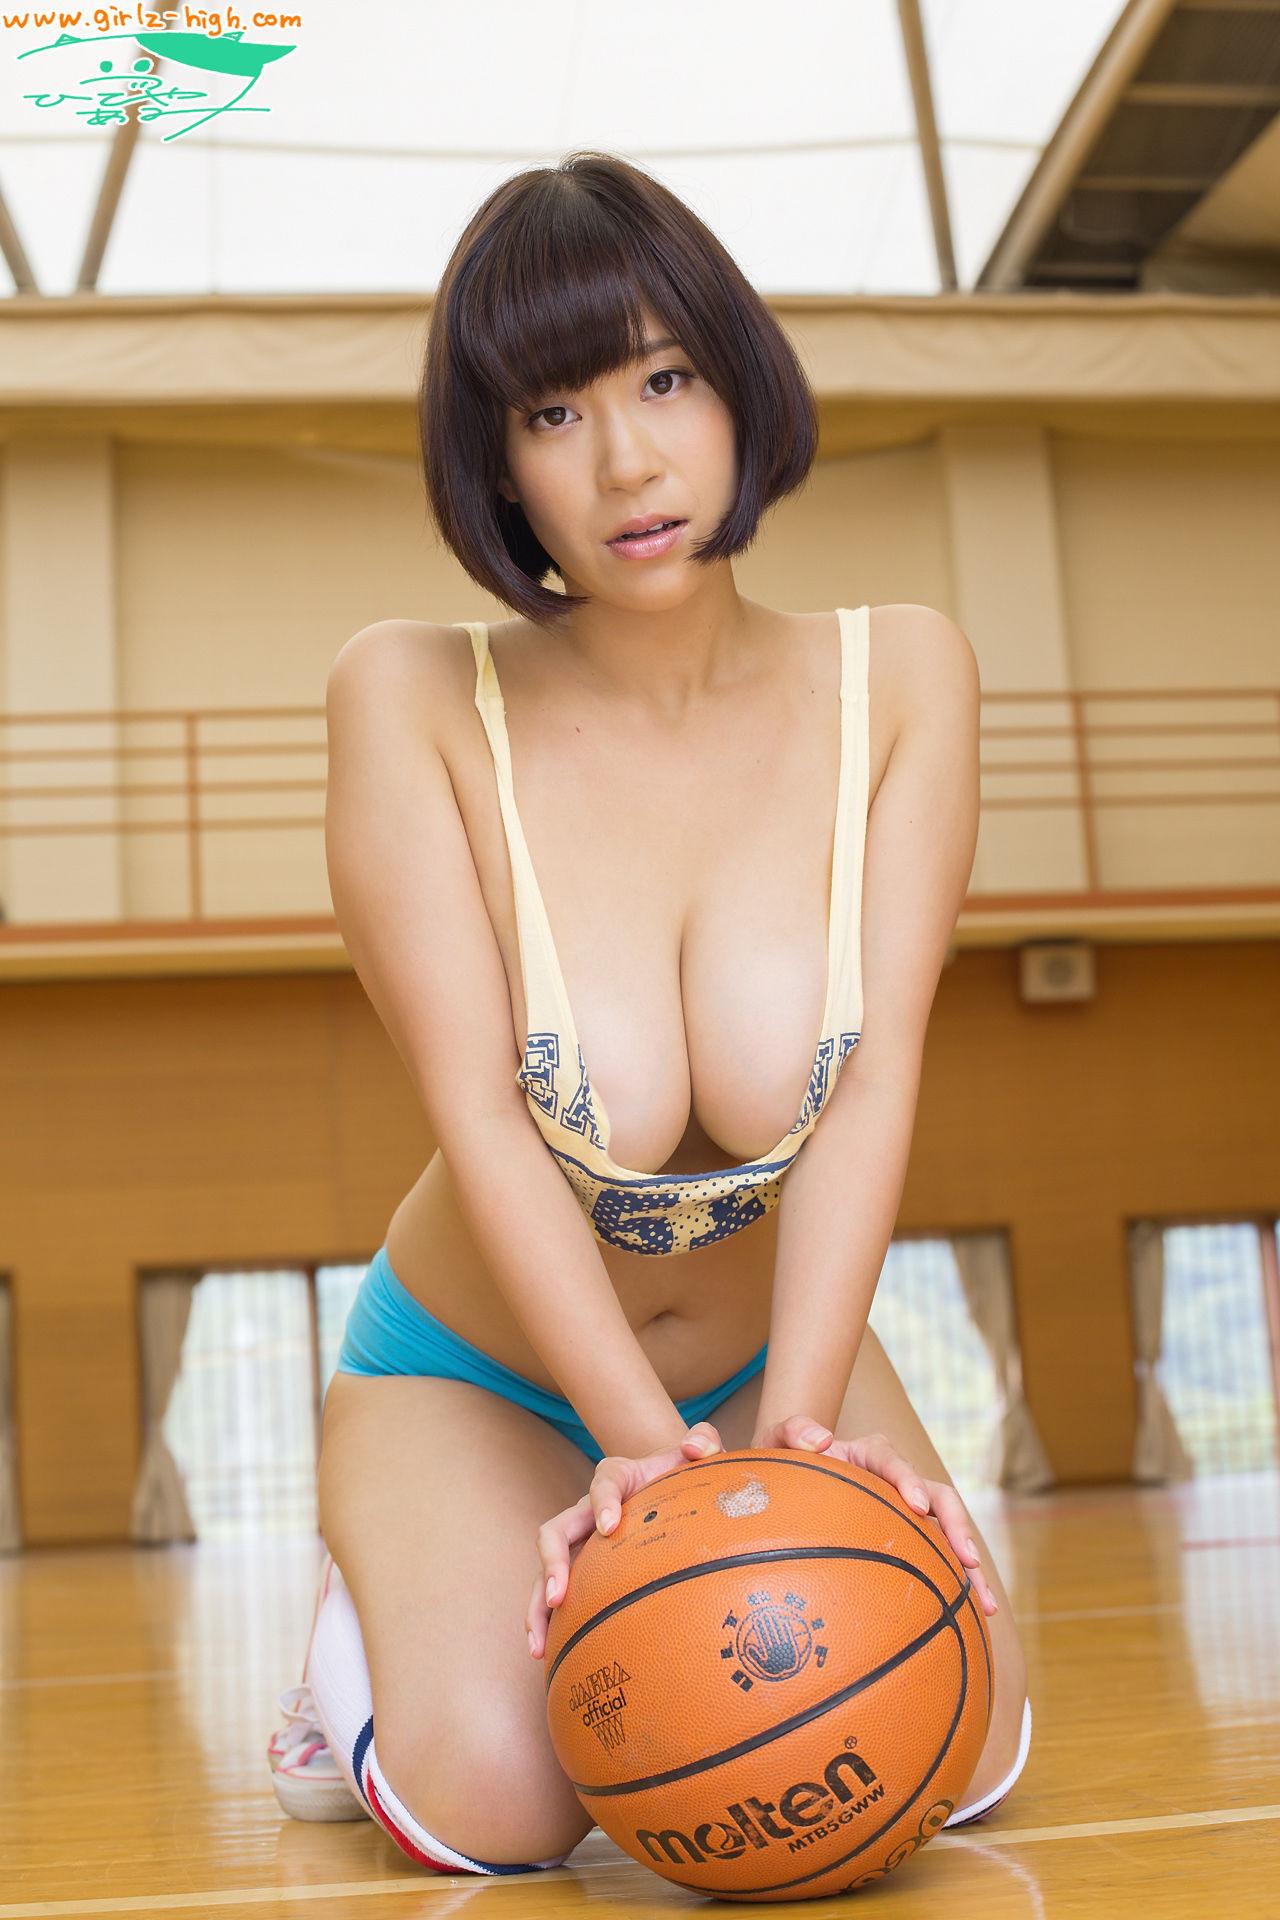 VOL.59 [Girlz-High]大胸篮球巨乳女艺人:日比谷亚美(日比谷亜美)超高清写真套图(60P)